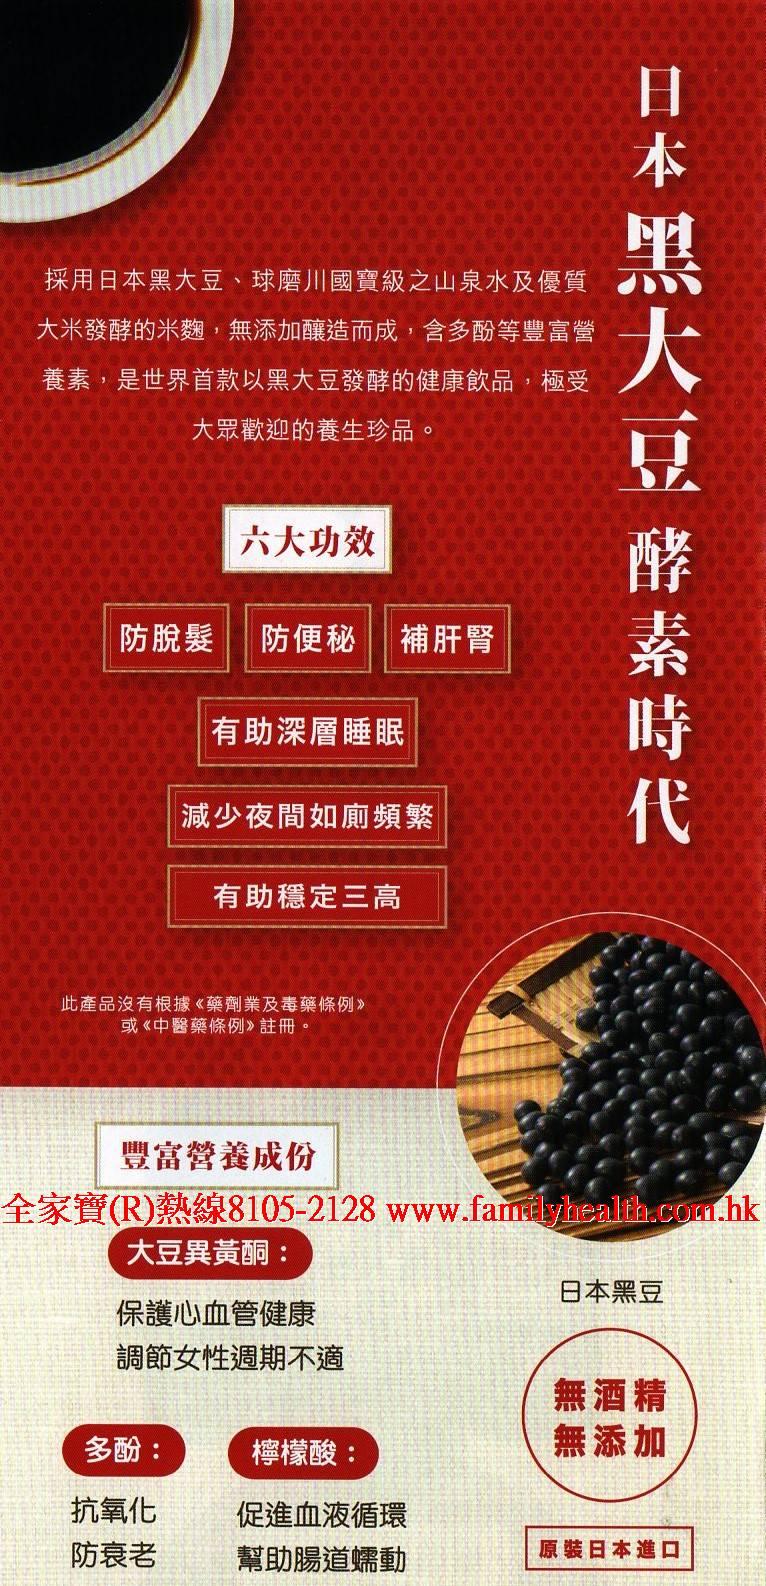 http://www.familyhealth.com.hk/files/full/1225_1.jpg